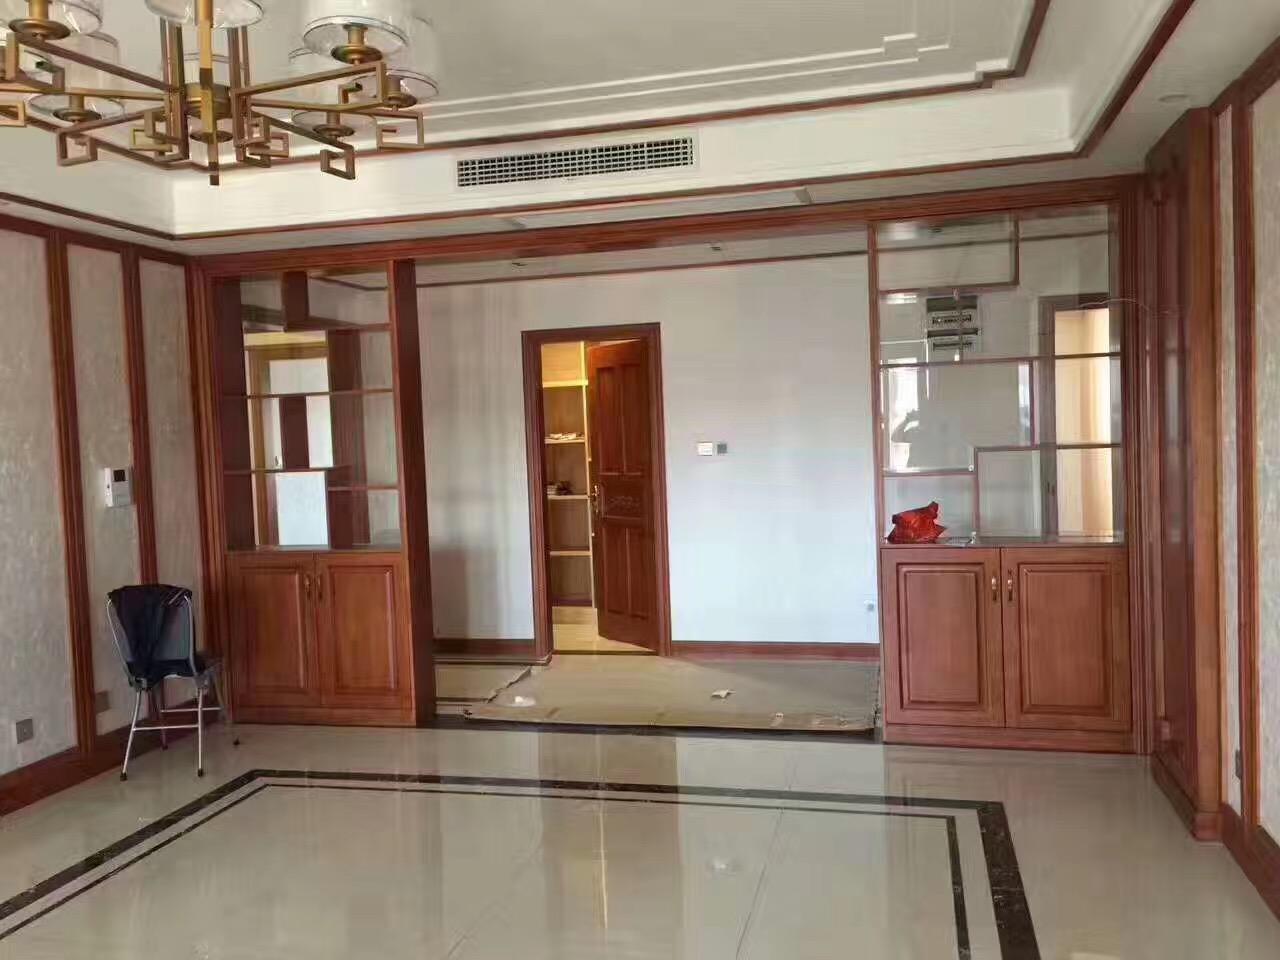 中式设计 中式装修 日升装饰 家具定制 客厅图片来自装修设计芳芳在第四军医大木作的分享